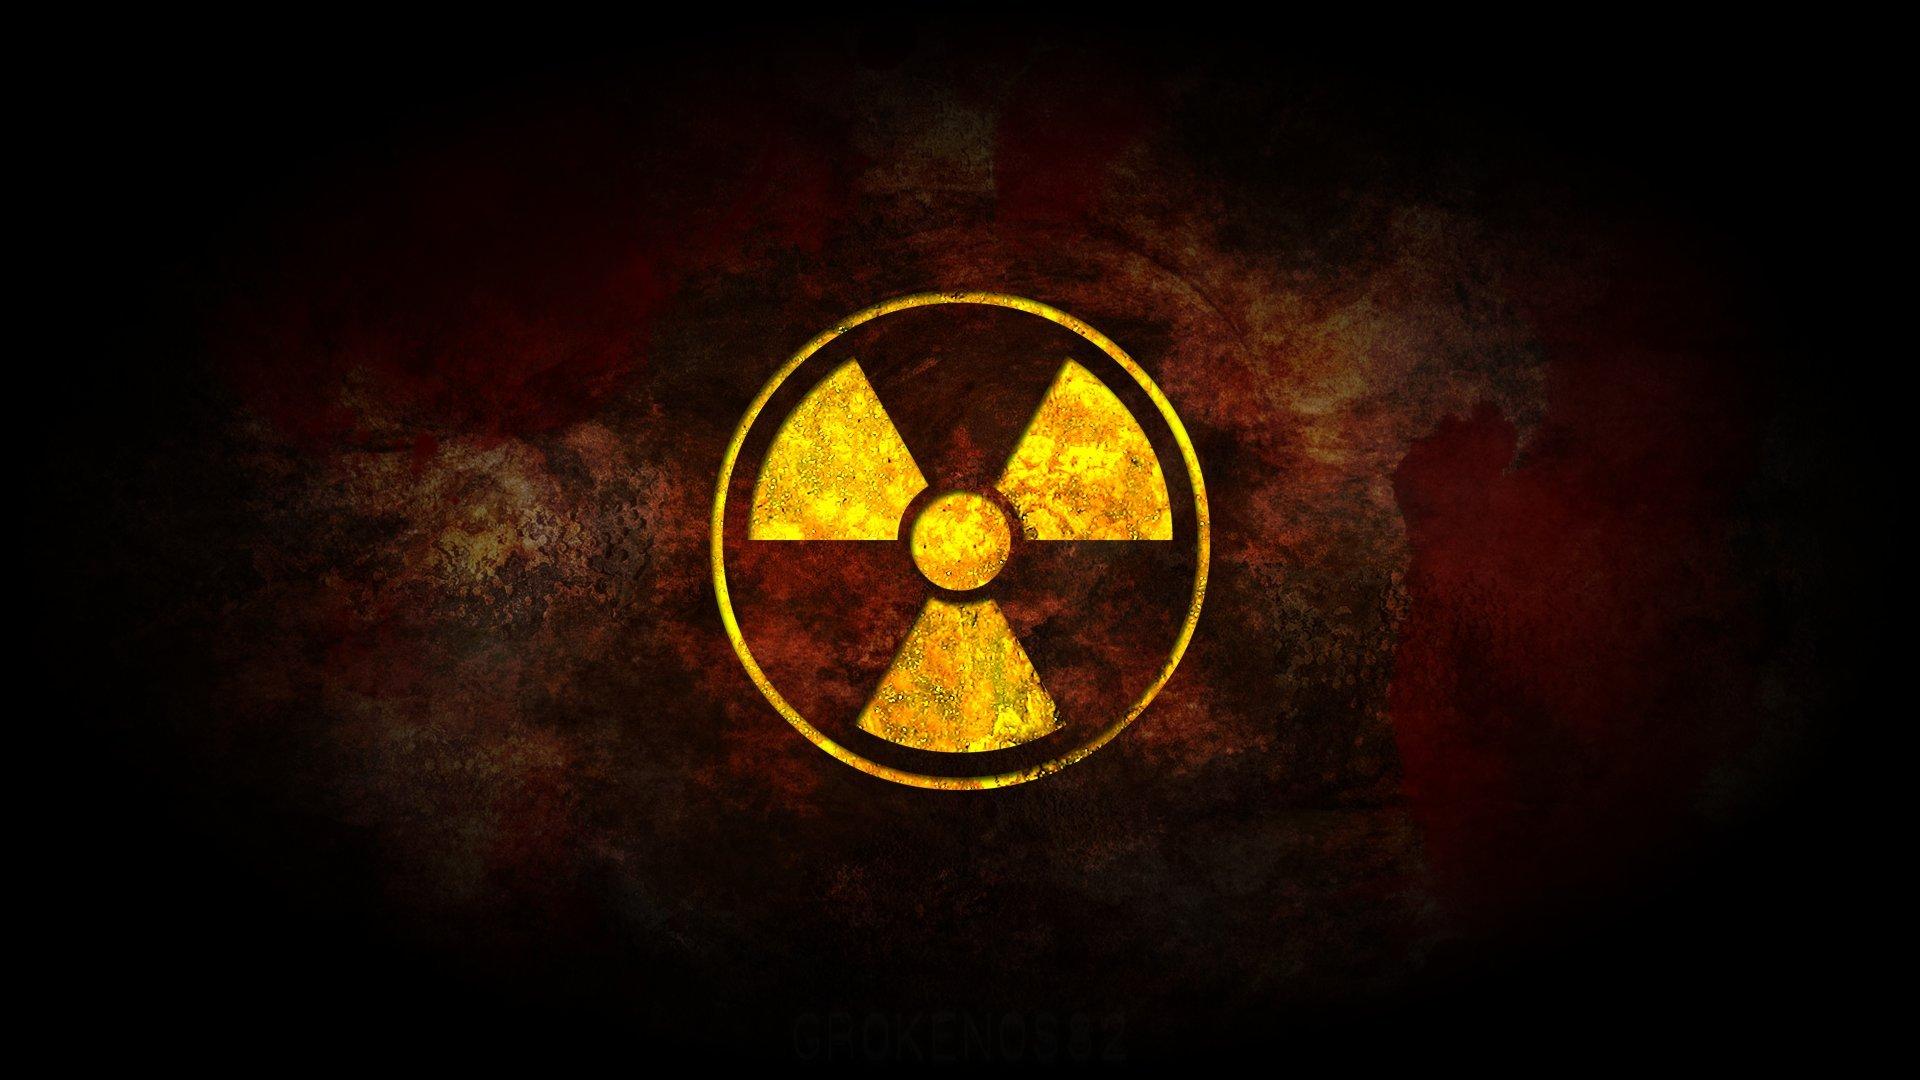 очень часто радиация картинки в хорошем качестве мои взаимоотношения карабиньерами